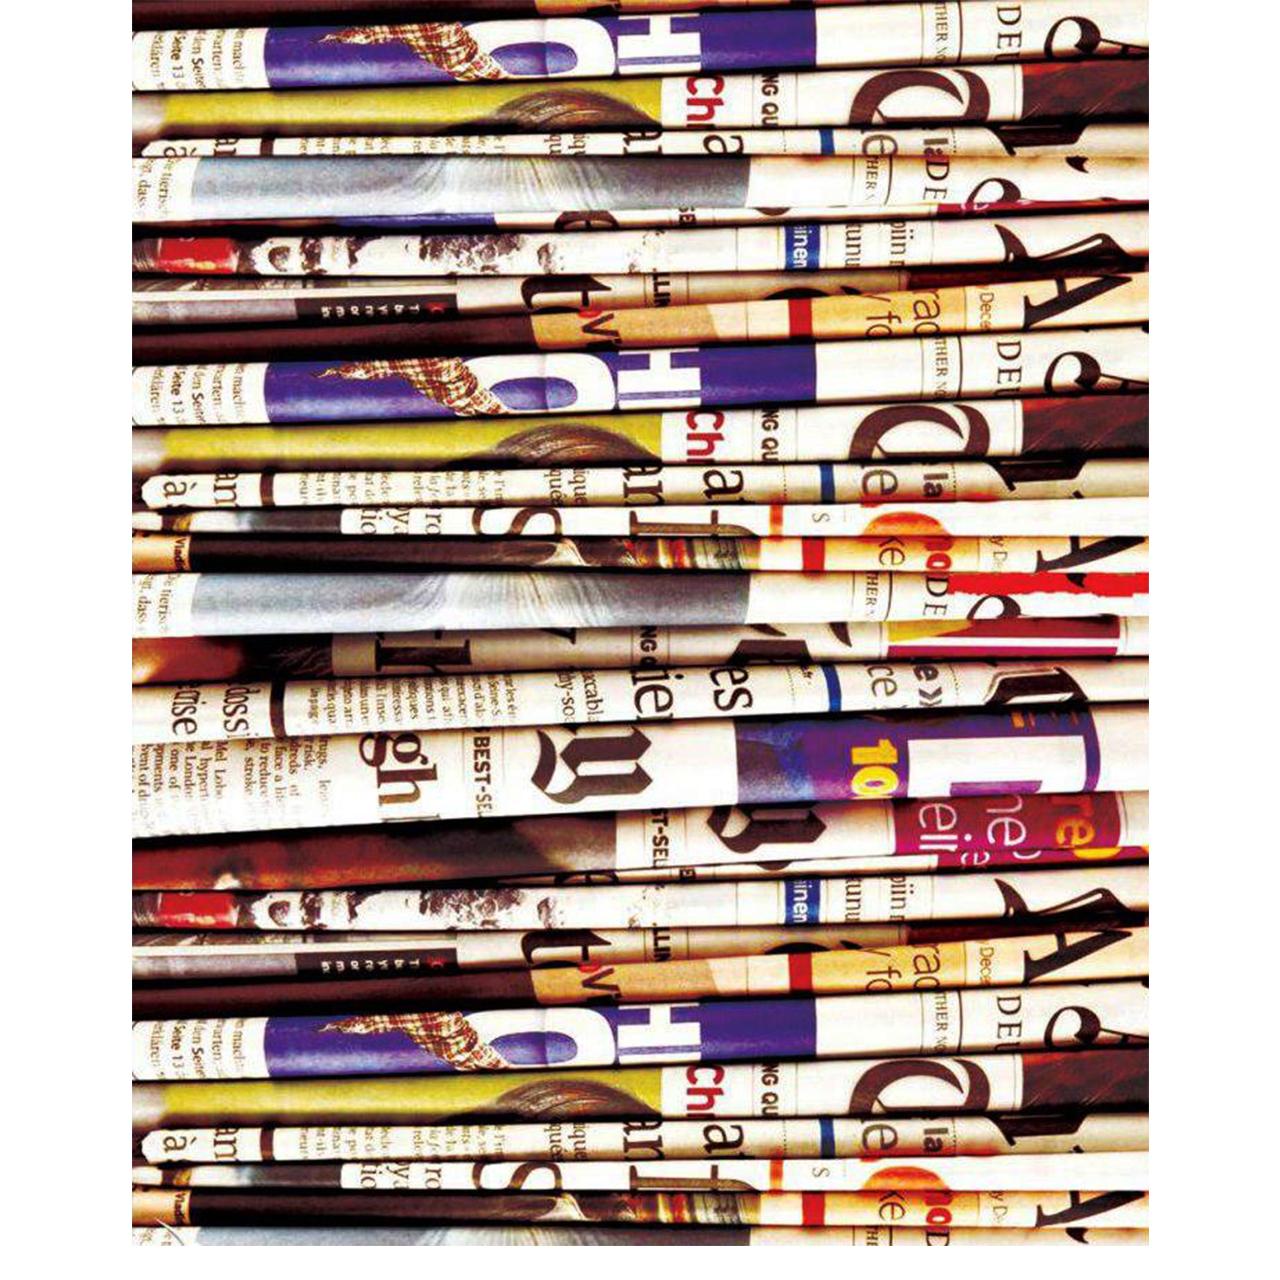 کاغذ کادو طرح روزنامه کد 35 بسته ی 5 عددی